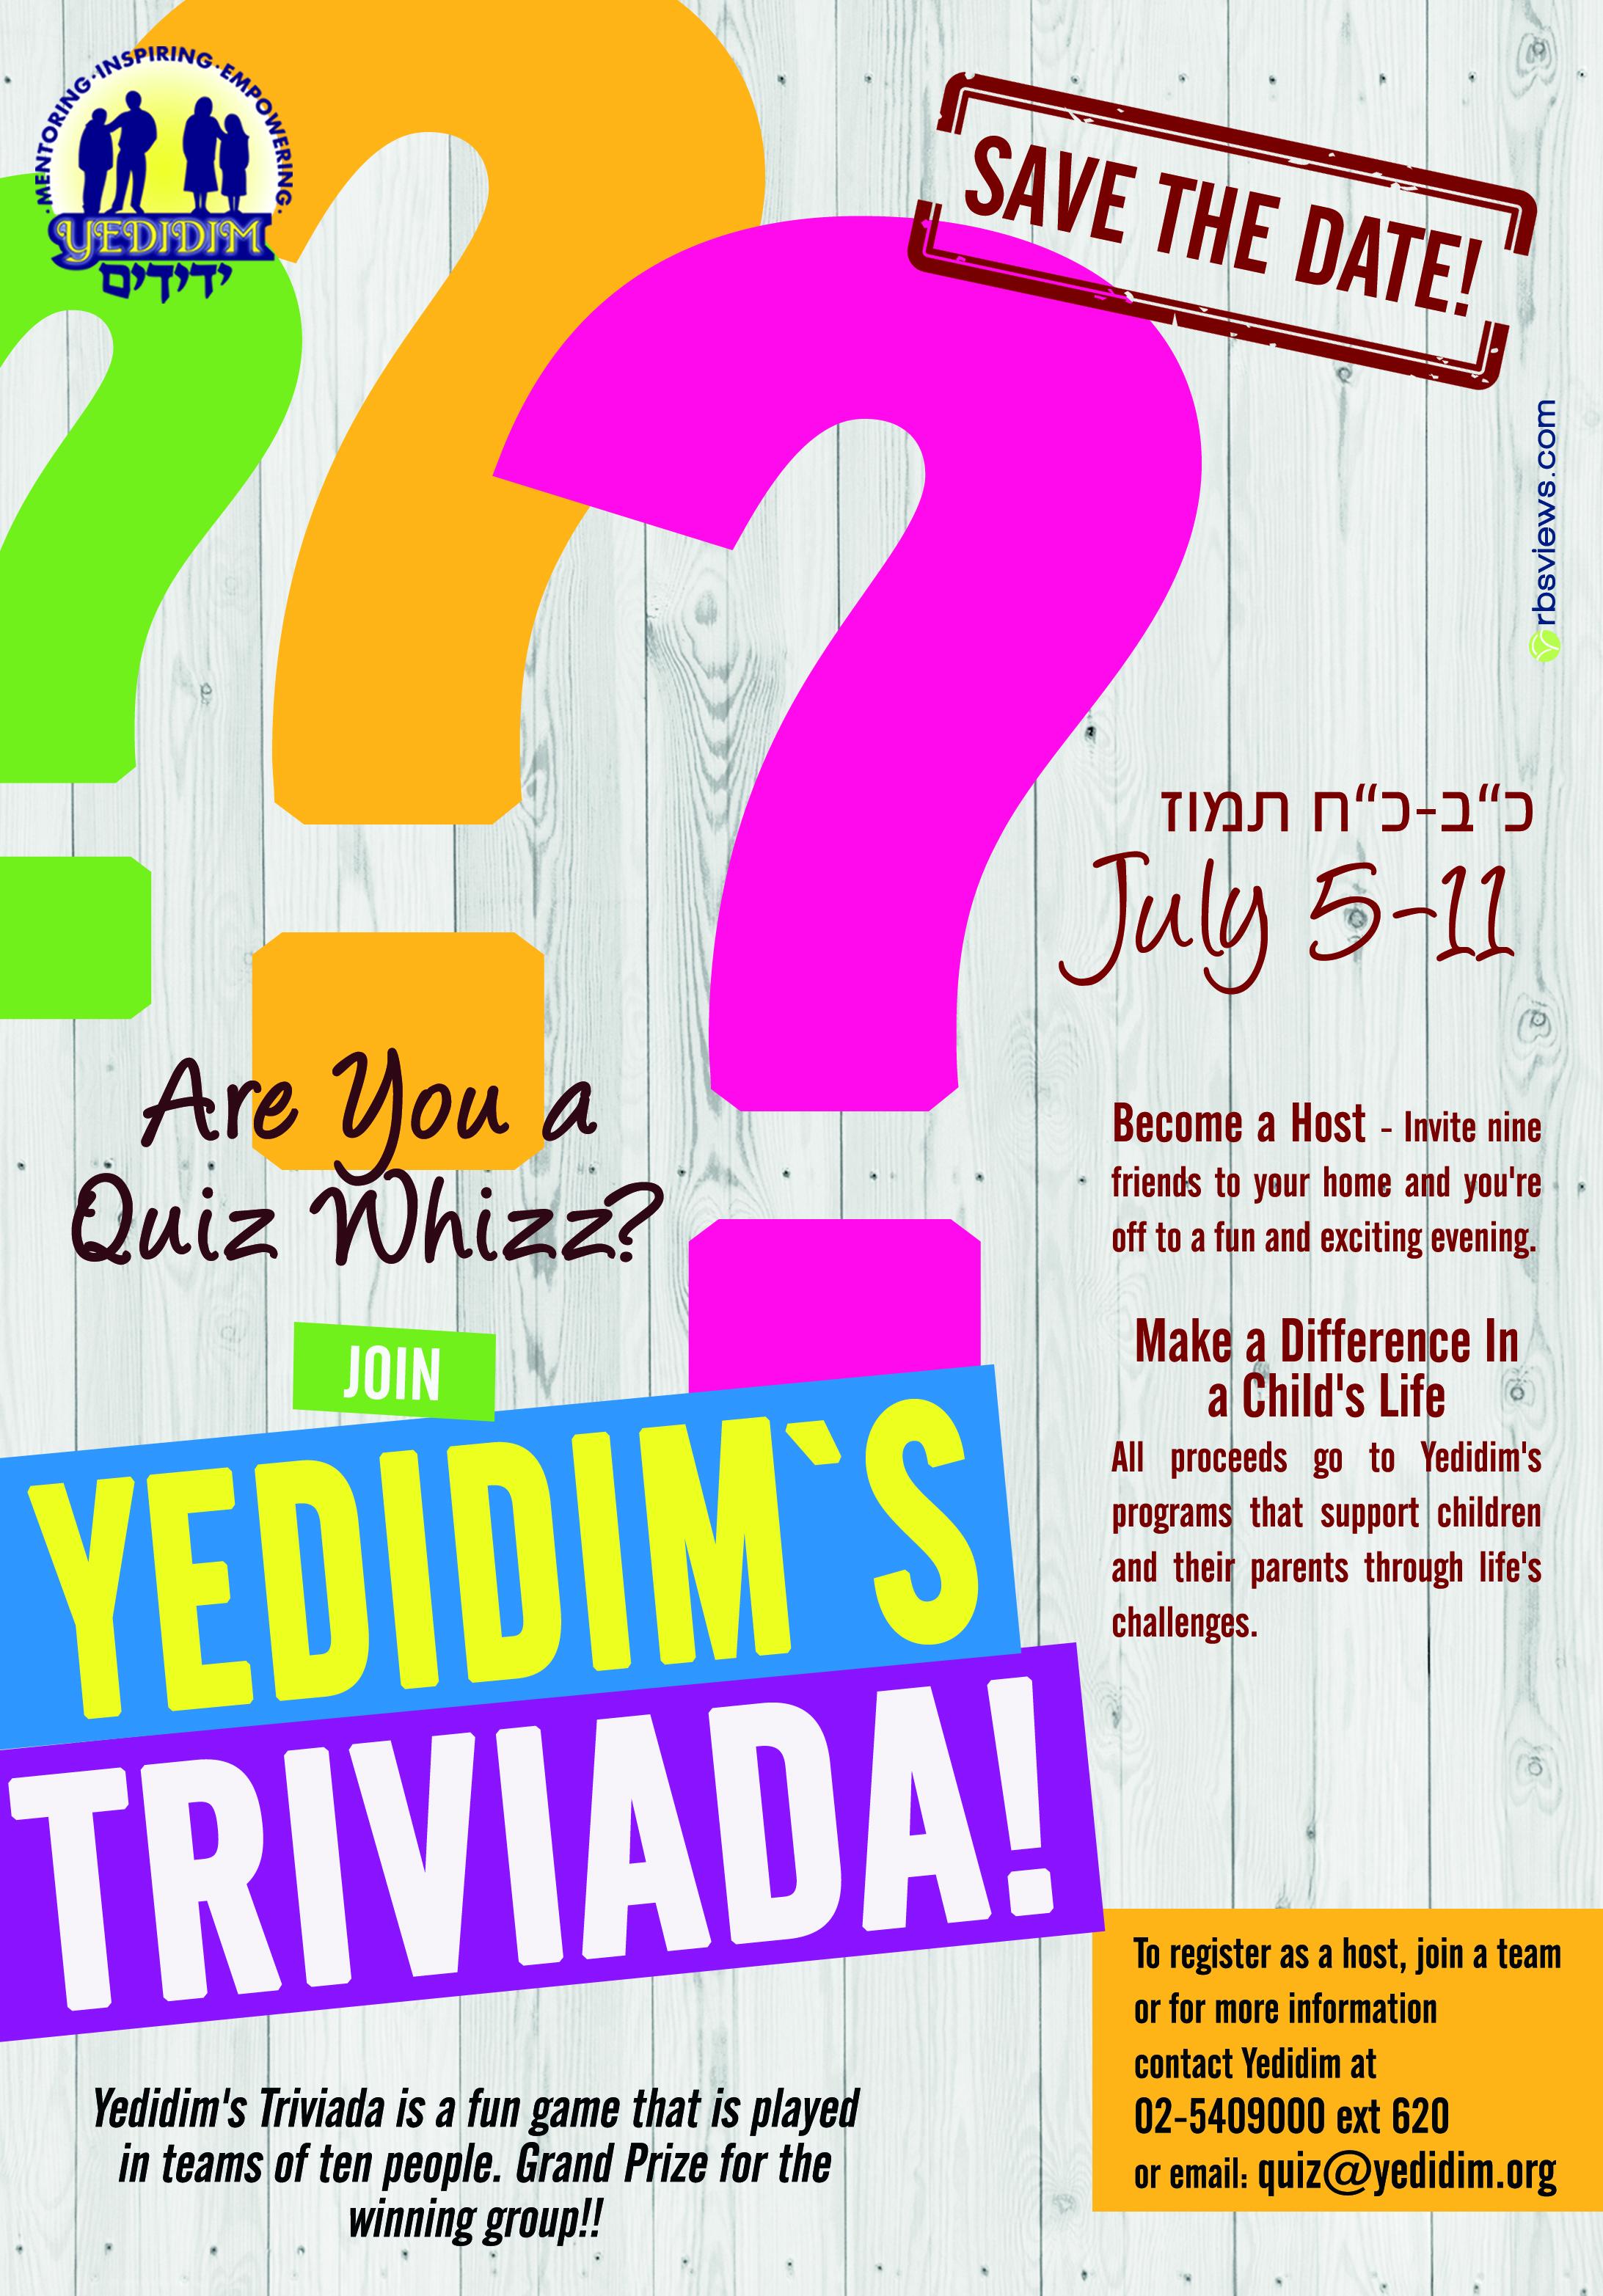 Yedidim's Triviada!!